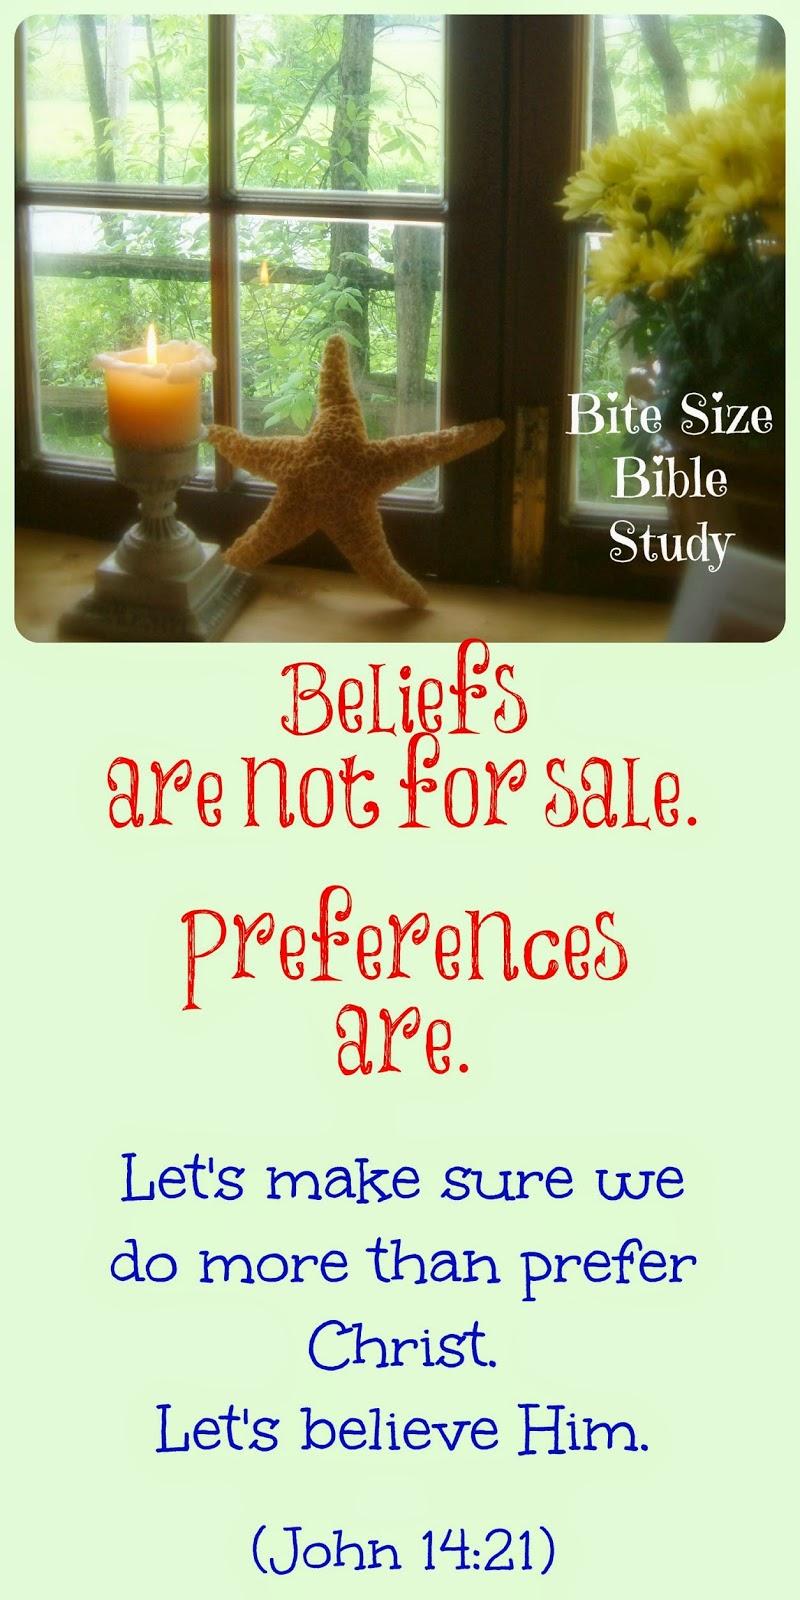 beliefs versus preferences, genuine belief in Christ, Mark Twain quote